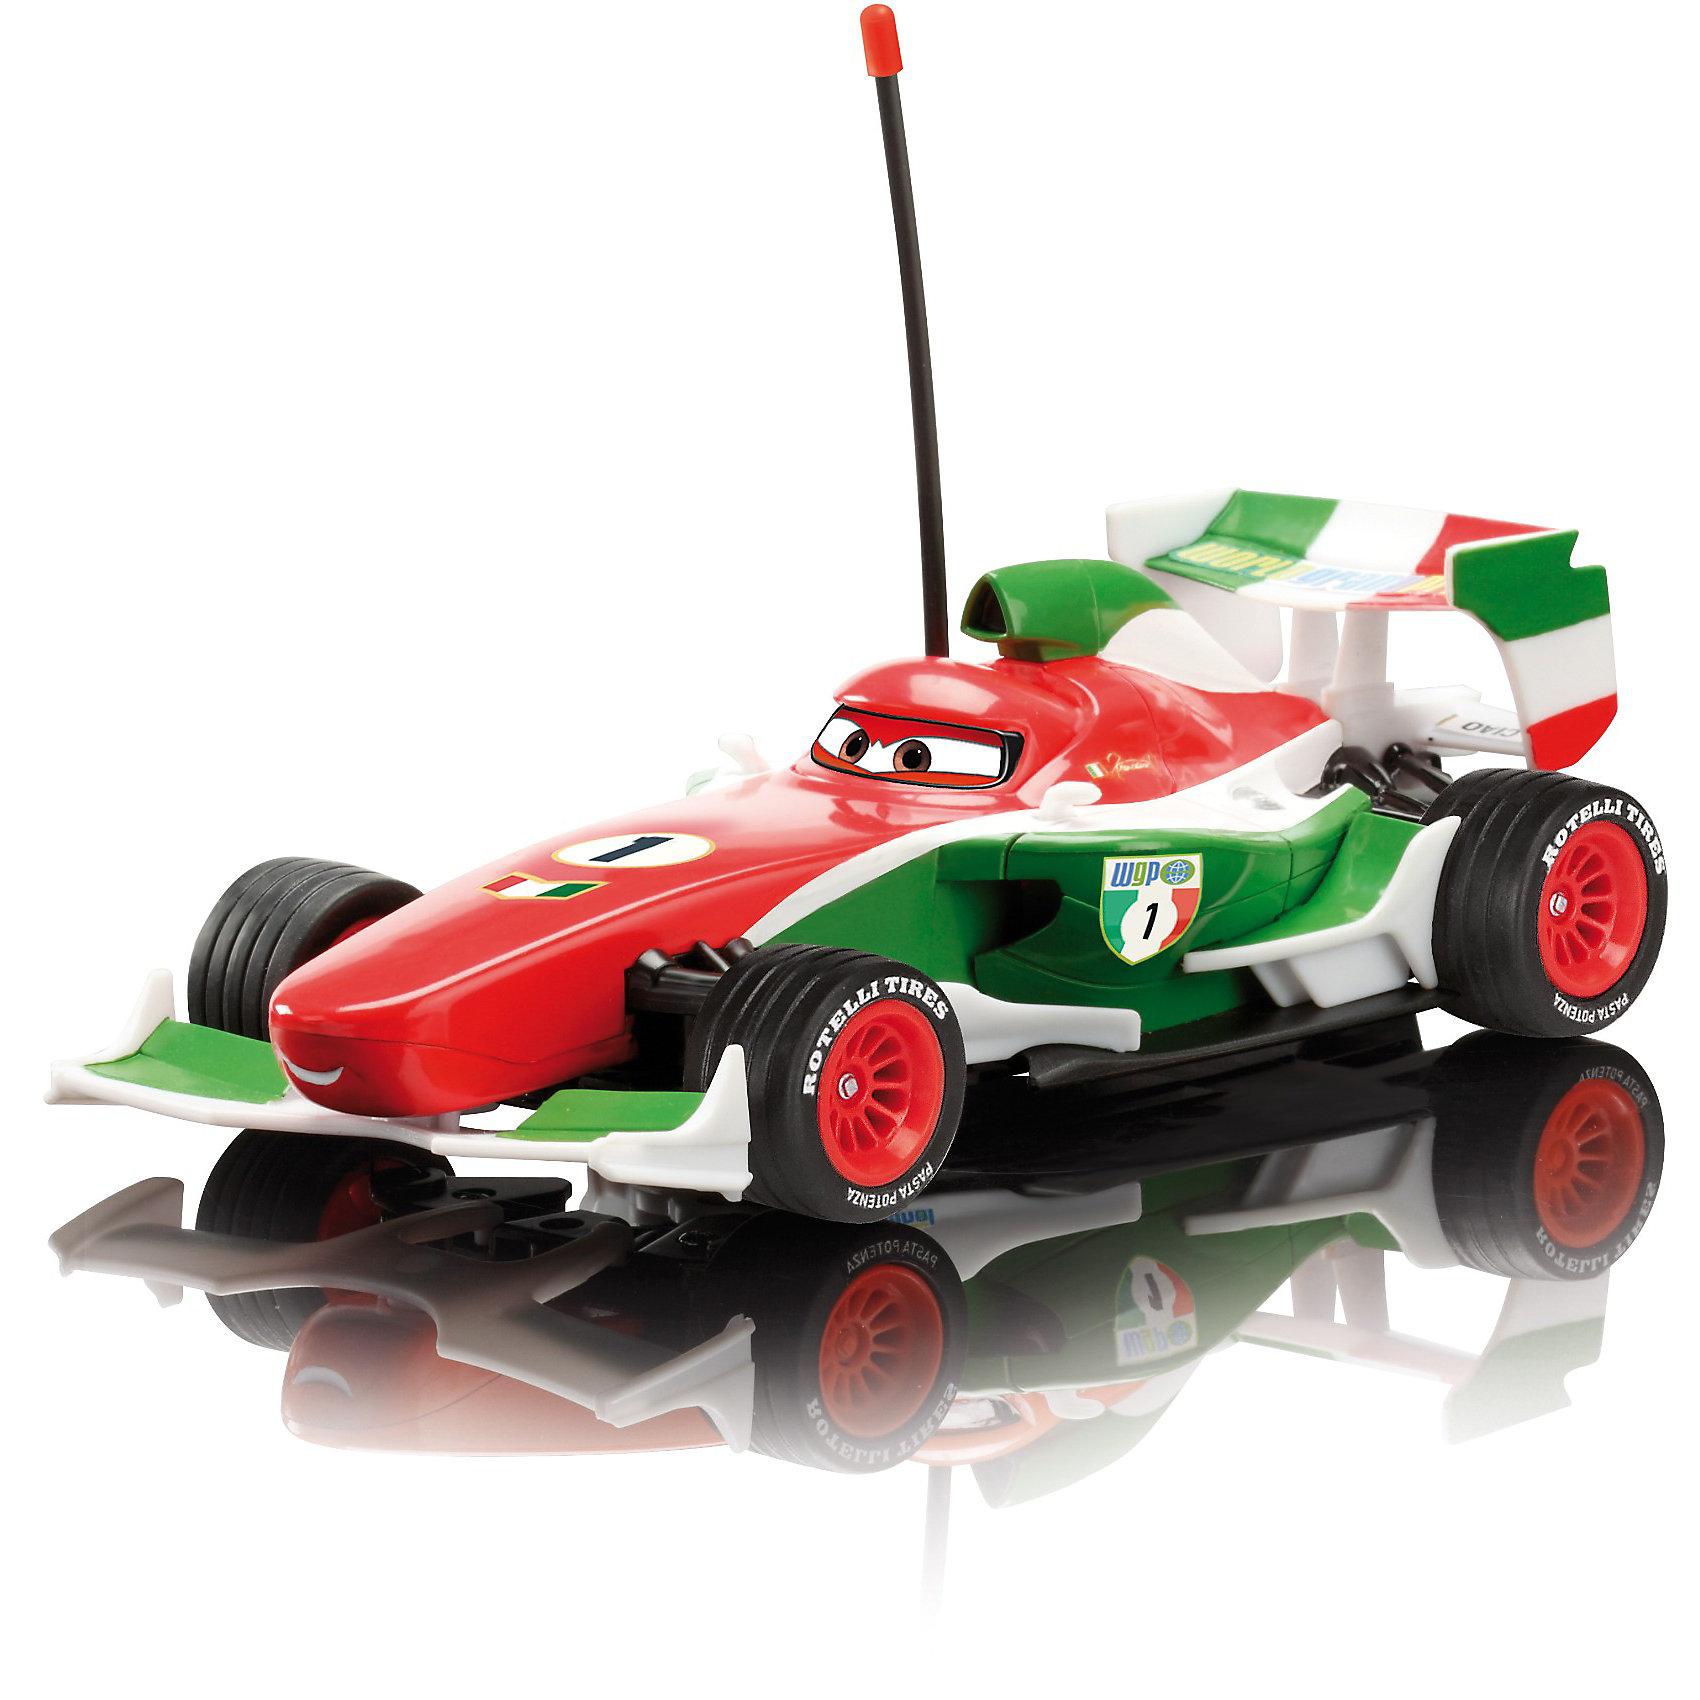 Радиоуправляемая машина Франческо, Тачки, 19 смРадиоуправляемая машина Франческо Dickie из мультфильма Тачки (Cars) порадует всех юных поклонников  мультсериала. Франческо Бернулли - один из персонажей мультфильма, гоночная машина, претендующая на победу в Гран При, является главным соперником и конкурентом Молнии МакКуина. Внешний вид автомобиля полностью соответствует своему мультперсонажу.<br><br>Управляется машина с помощью пульта, который оснащен гибкими антеннами с пластмассовыми наконечниками, может постепенно разгонятся и ехать назад-вперед, влево-вперед, вправо-вперед, влево-назад, вправо-назад. Автомобиль оснащен прорезиненными большими колесами с красными дисками. <br><br>Двухканальное управление, частота 27+40 МГц. .<br><br>Дополнительная информация:<br><br>- Материал: пластмасса. <br>- Требуются батарейки: 3хААА – для пульта, 2хАА – для машинки (в комплект не входят). <br>- Размер игрушки: 19 см.<br>- Размер упаковки: 28,3 х 14,2 х 14 см.<br>- Вес: 0,506 кг.<br><br>Радиоуправляемую машину Франческо (Тачки (Cars)) Dickie можно купить в нашем интернет-магазине.<br><br>Ширина мм: 283<br>Глубина мм: 142<br>Высота мм: 140<br>Вес г: 506<br>Возраст от месяцев: 72<br>Возраст до месяцев: 1164<br>Пол: Мужской<br>Возраст: Детский<br>SKU: 2200378